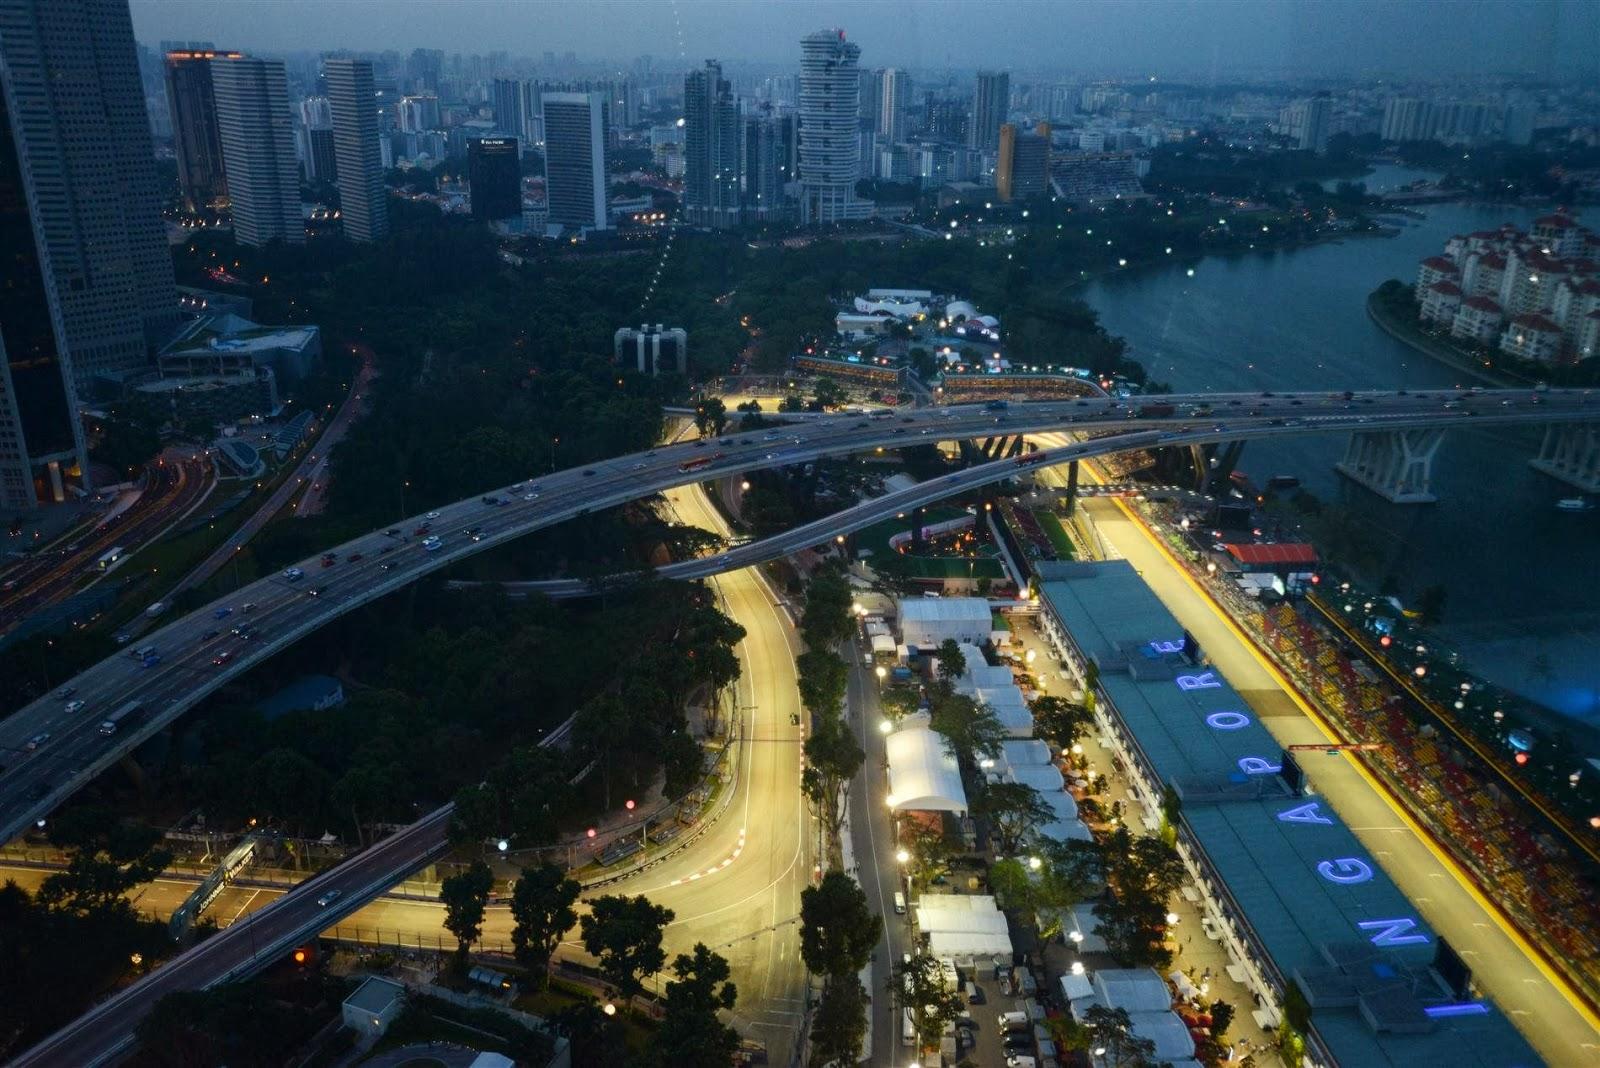 Circuito F1 Singapur : De f de eduardo car actualidad fórmula carreras gp